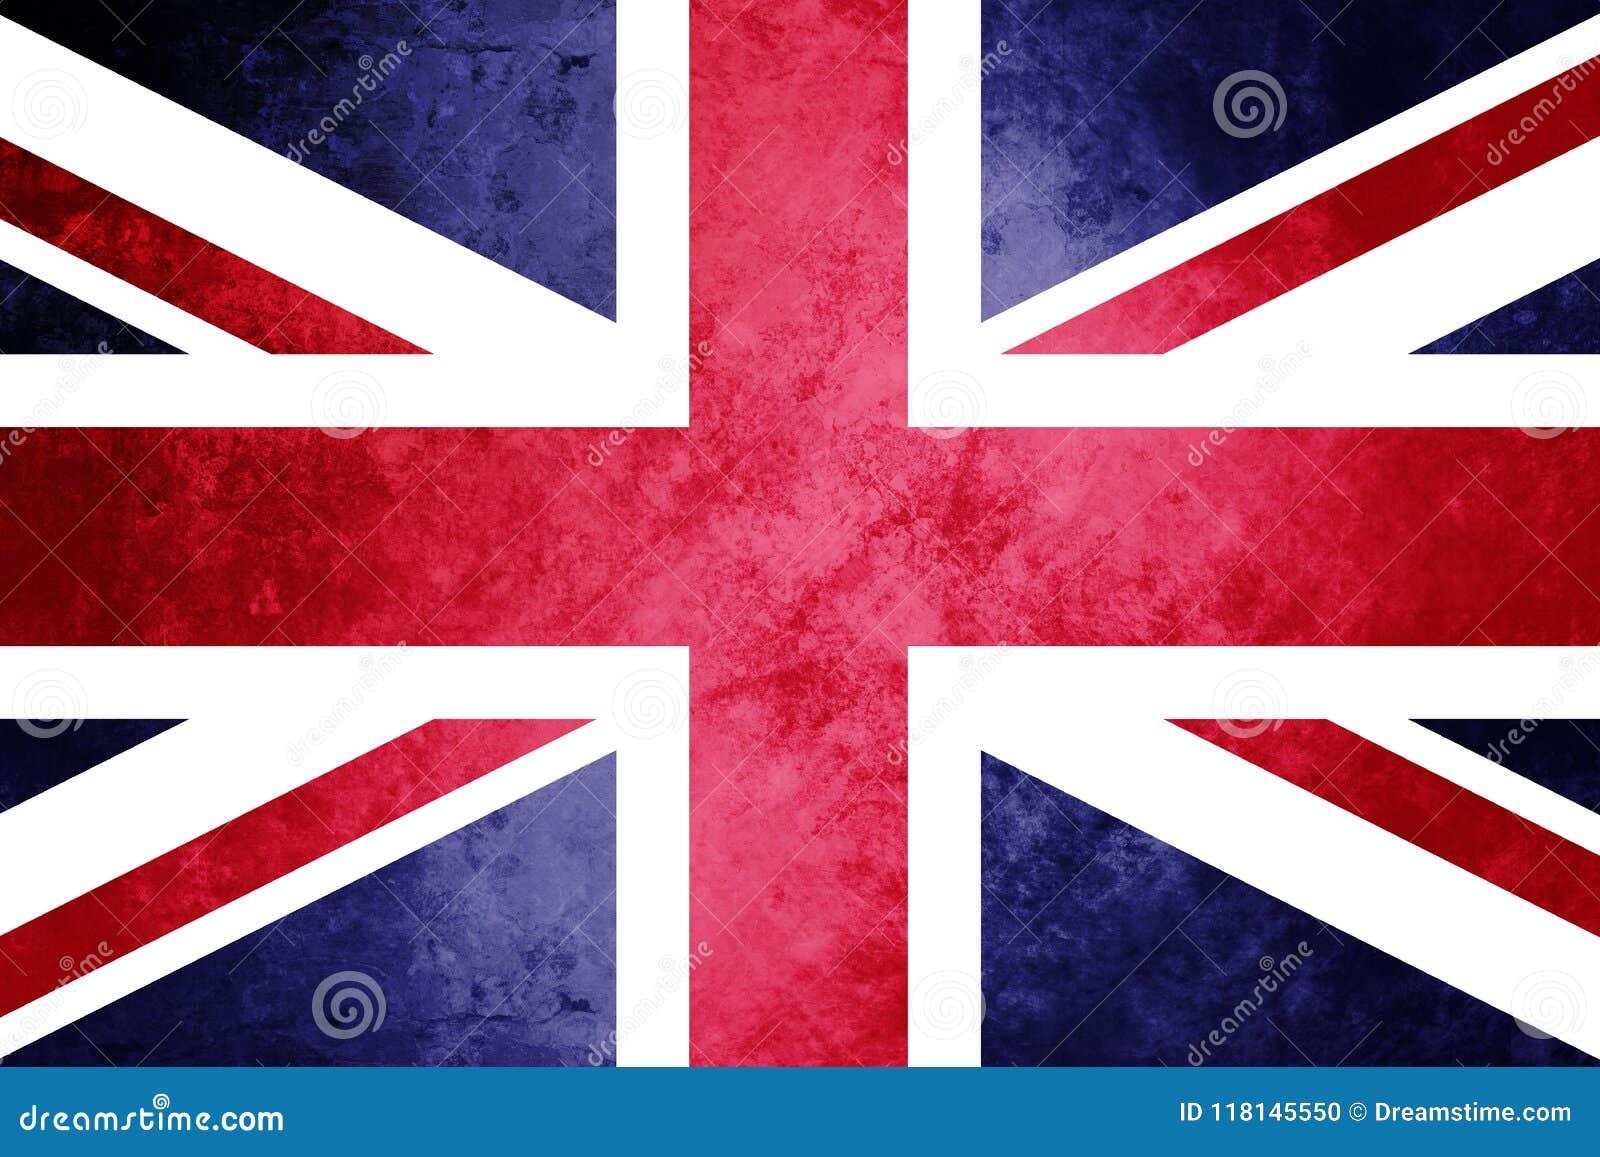 联盟标志,英国国旗,皇家联盟标志